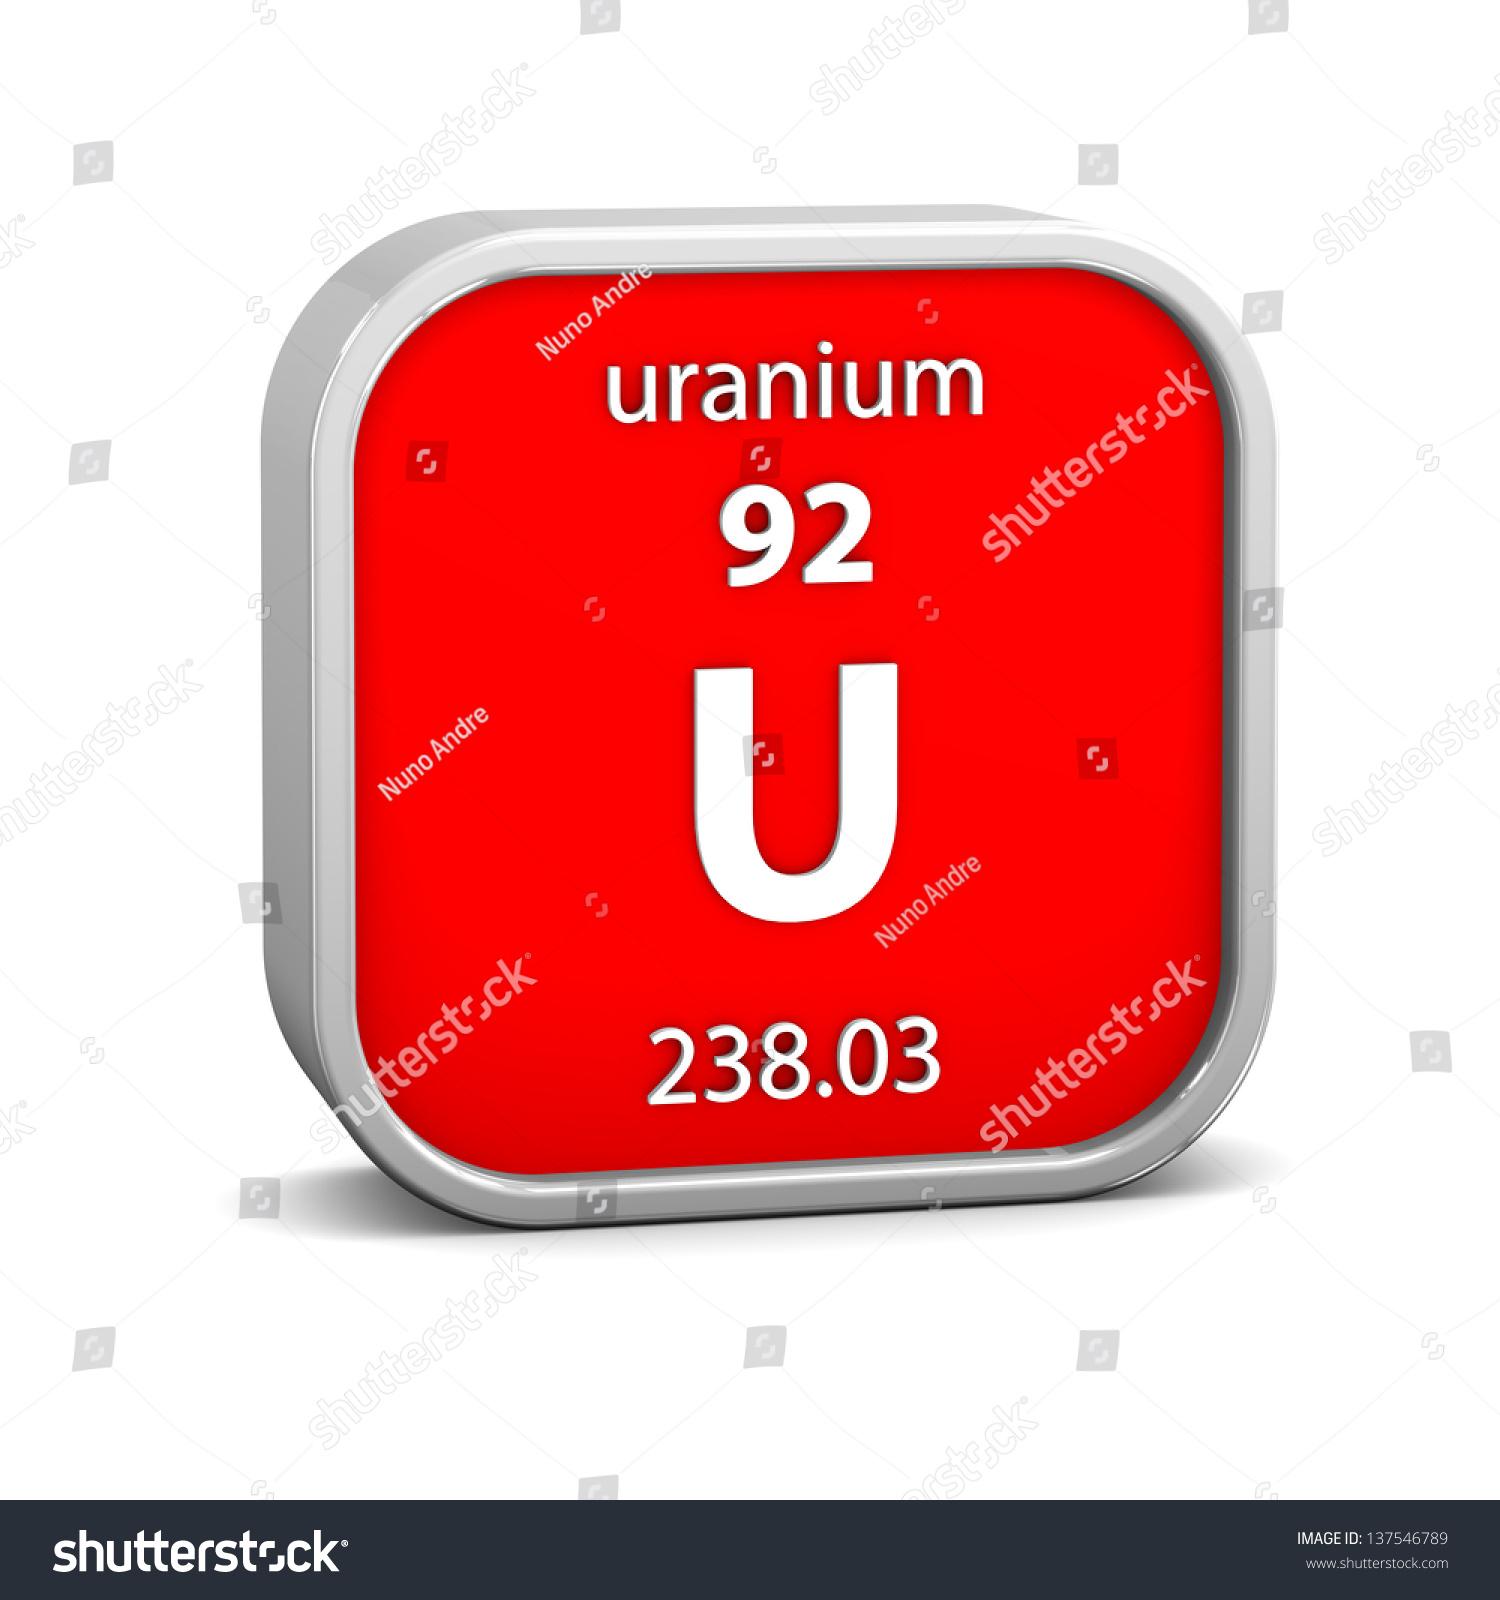 Uranium on the periodic table images periodic table images uranium symbol periodic table images periodic table images uranium symbol periodic table gallery periodic table images gamestrikefo Choice Image